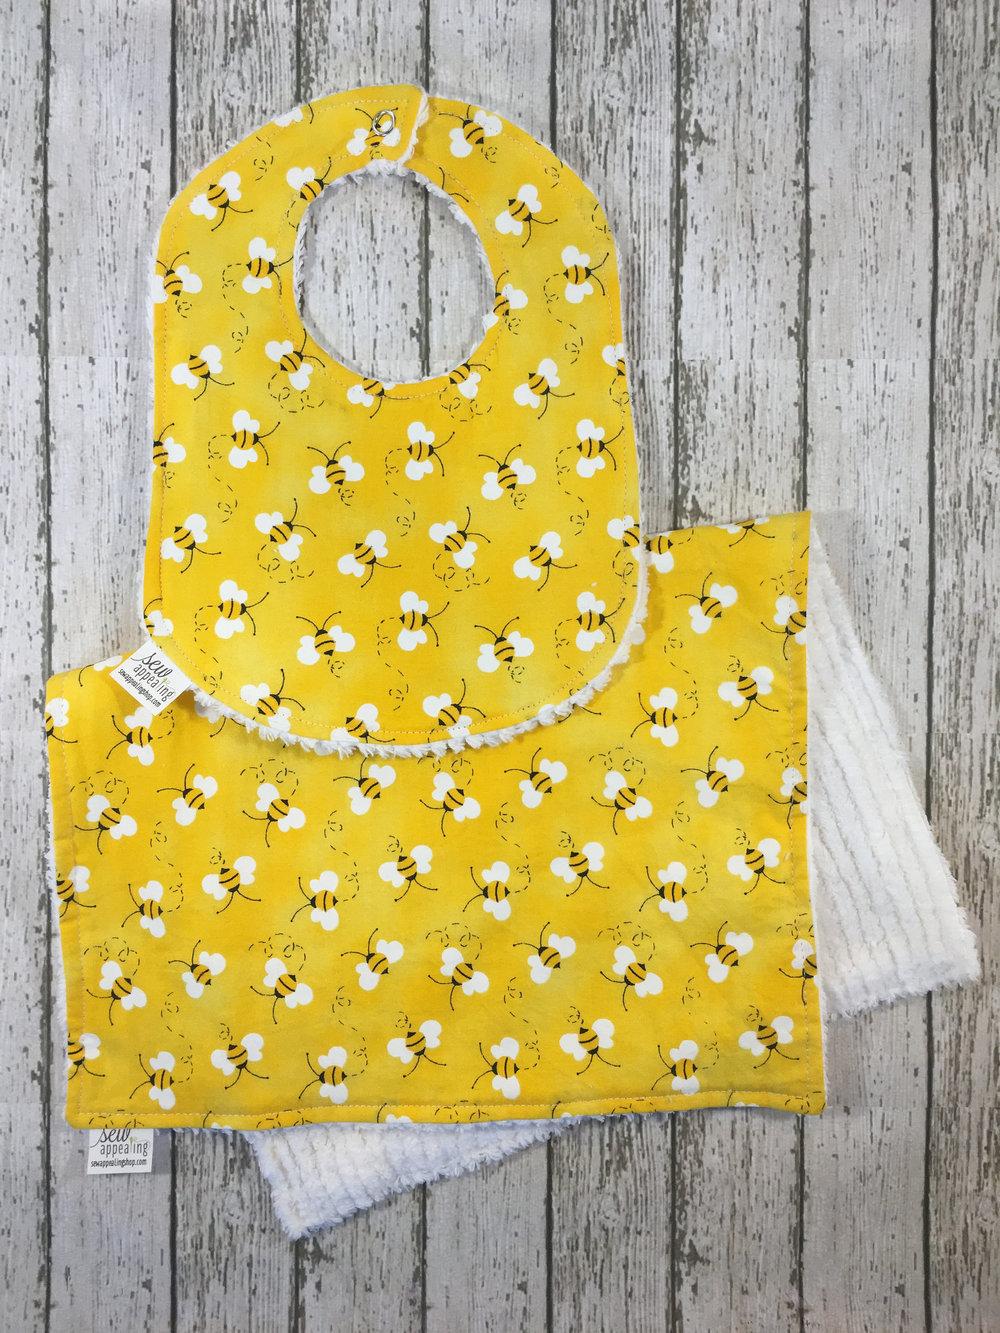 Toddler Bib Reversible Bib Gift for Toddler Baby Bib Lady Bug Bibi for Girl